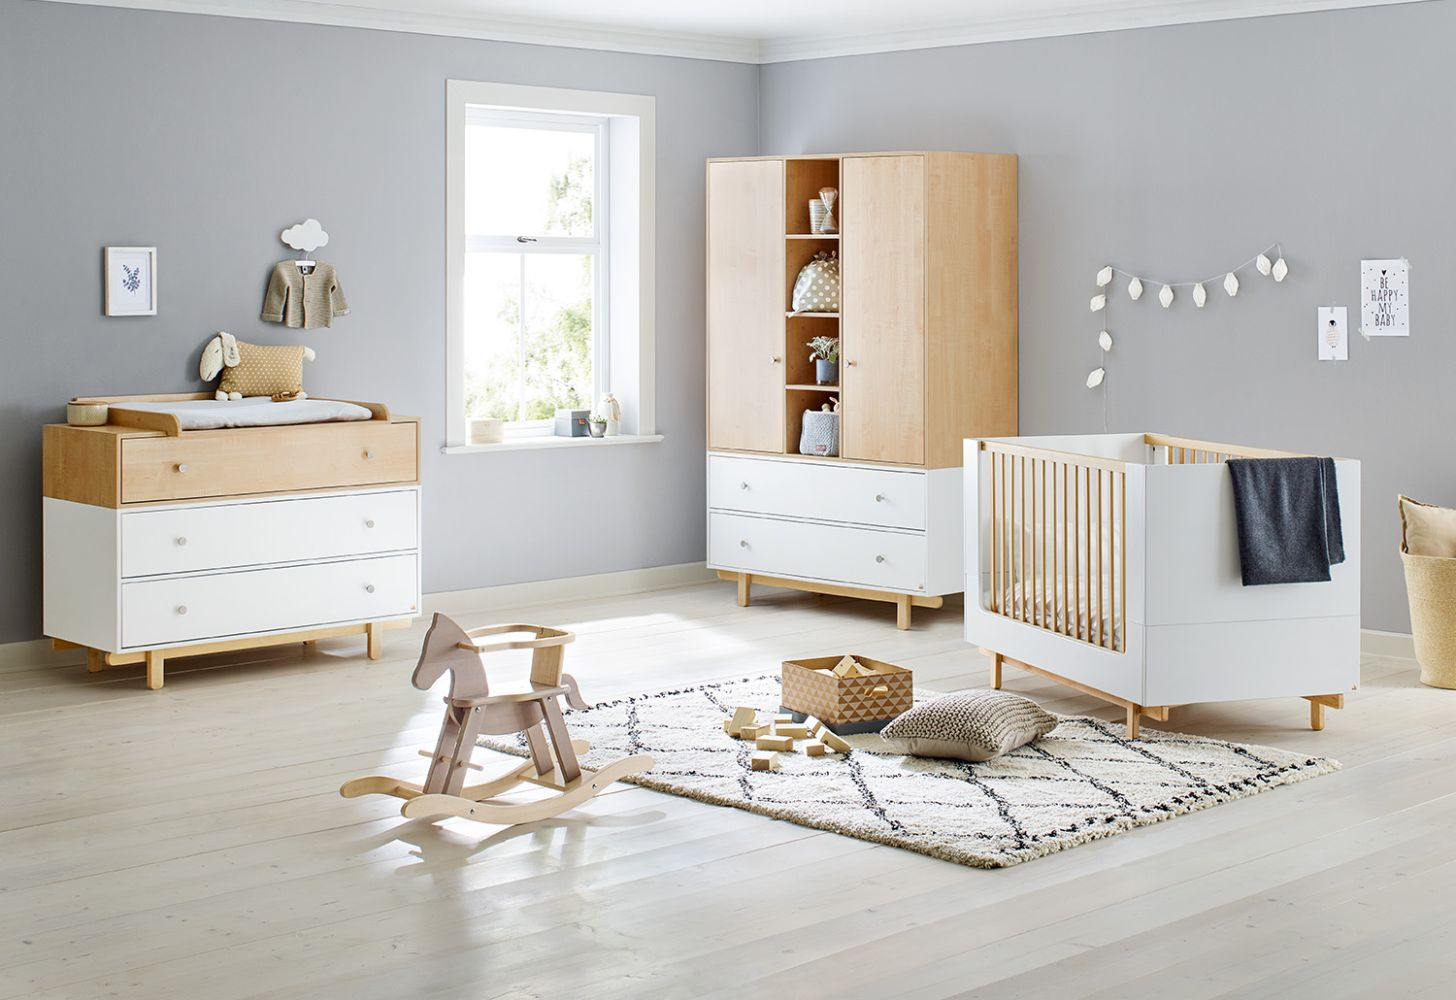 Pinolino 'Boks' 3-tlg. Babyzimmer-Set natur/weiß Bild 1